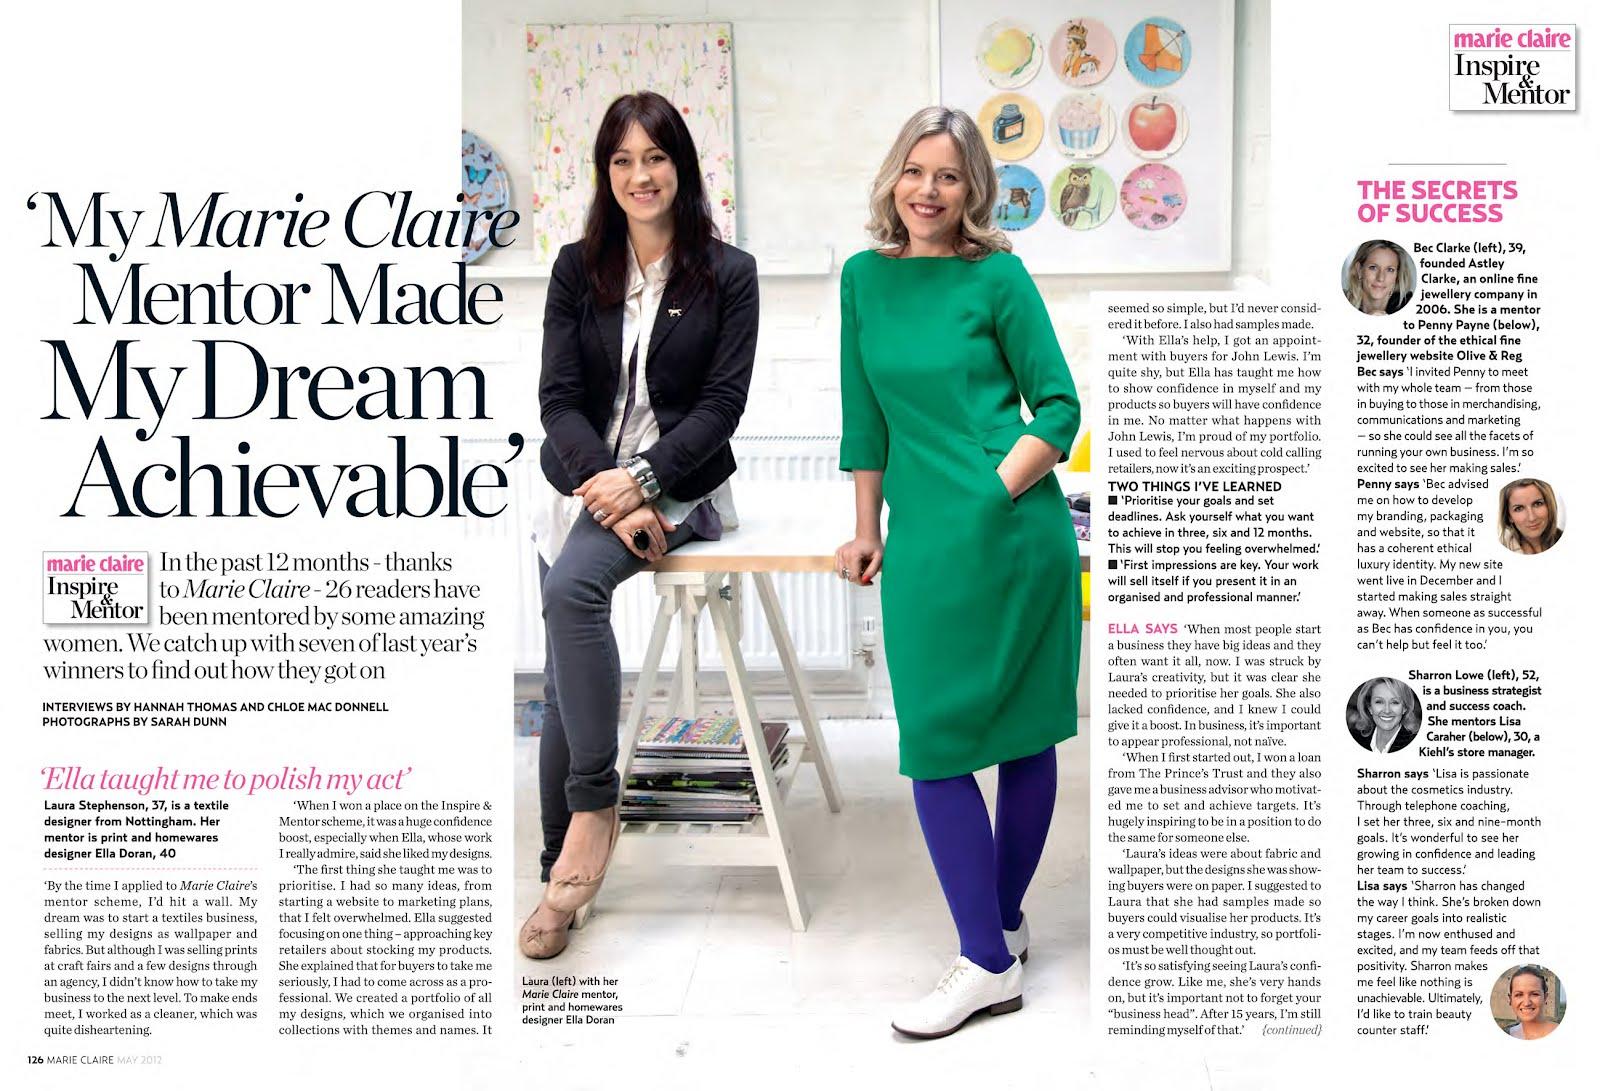 Meet Marie Claire's 2012 Mentors